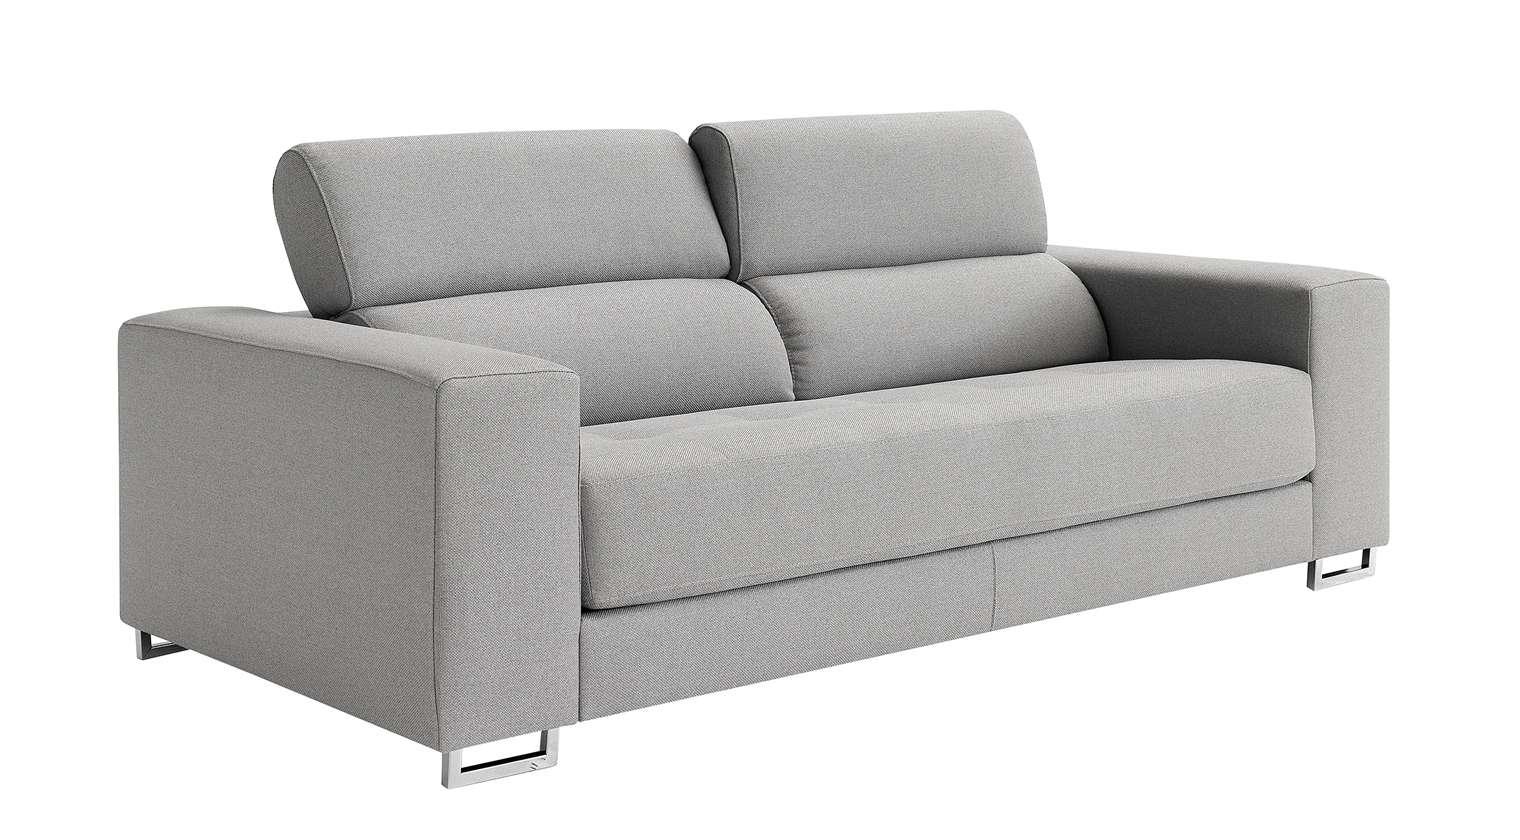 Comprar sof tela venus sofa 2 5 plazas microfibra vitelo - Sofas de microfibra ...